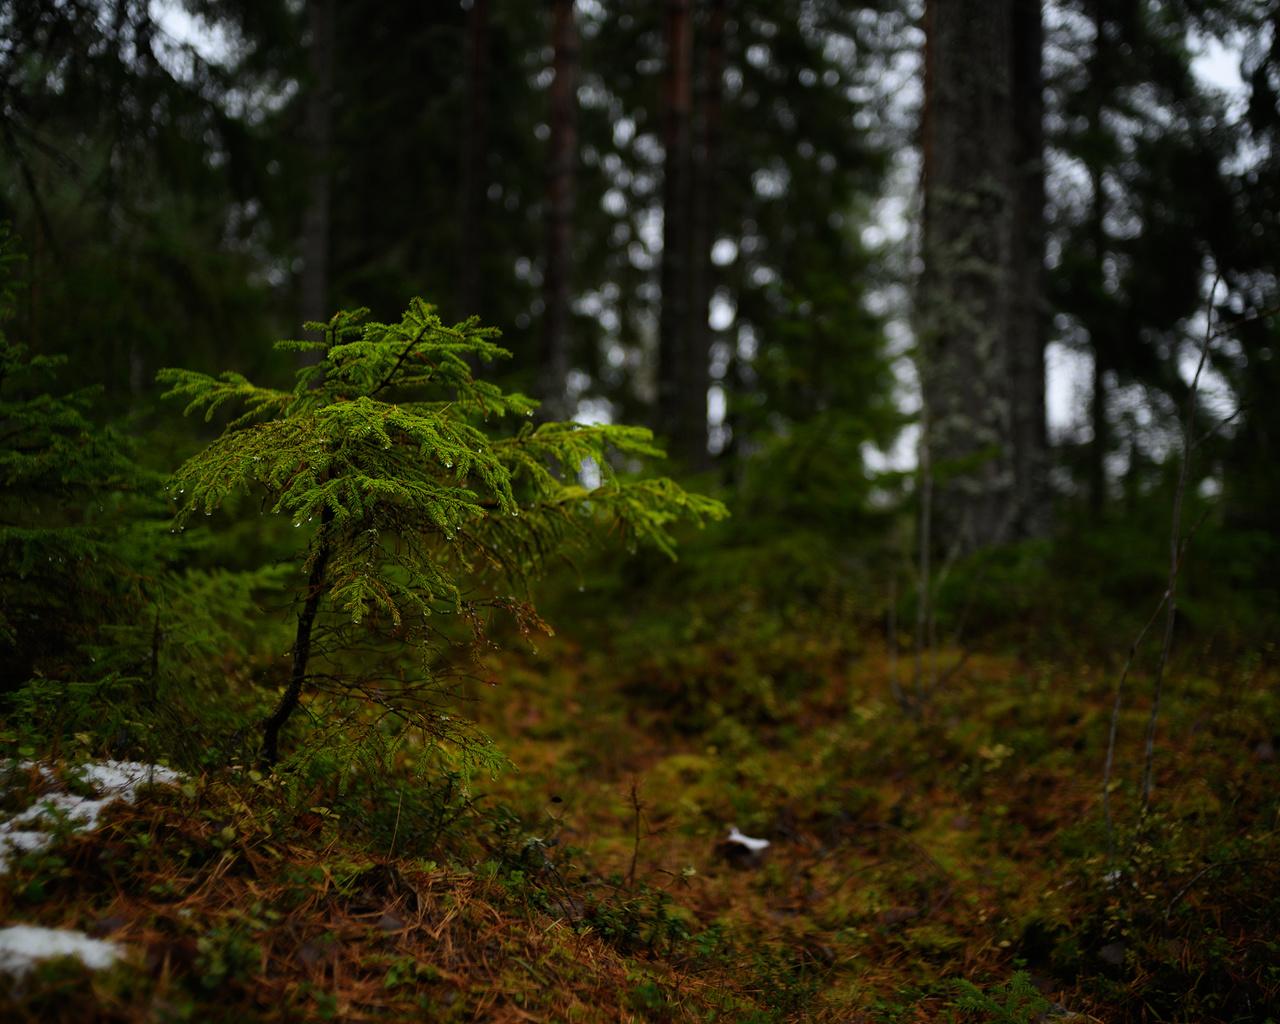 финляндия, лес, деревья, размытый фон, природа